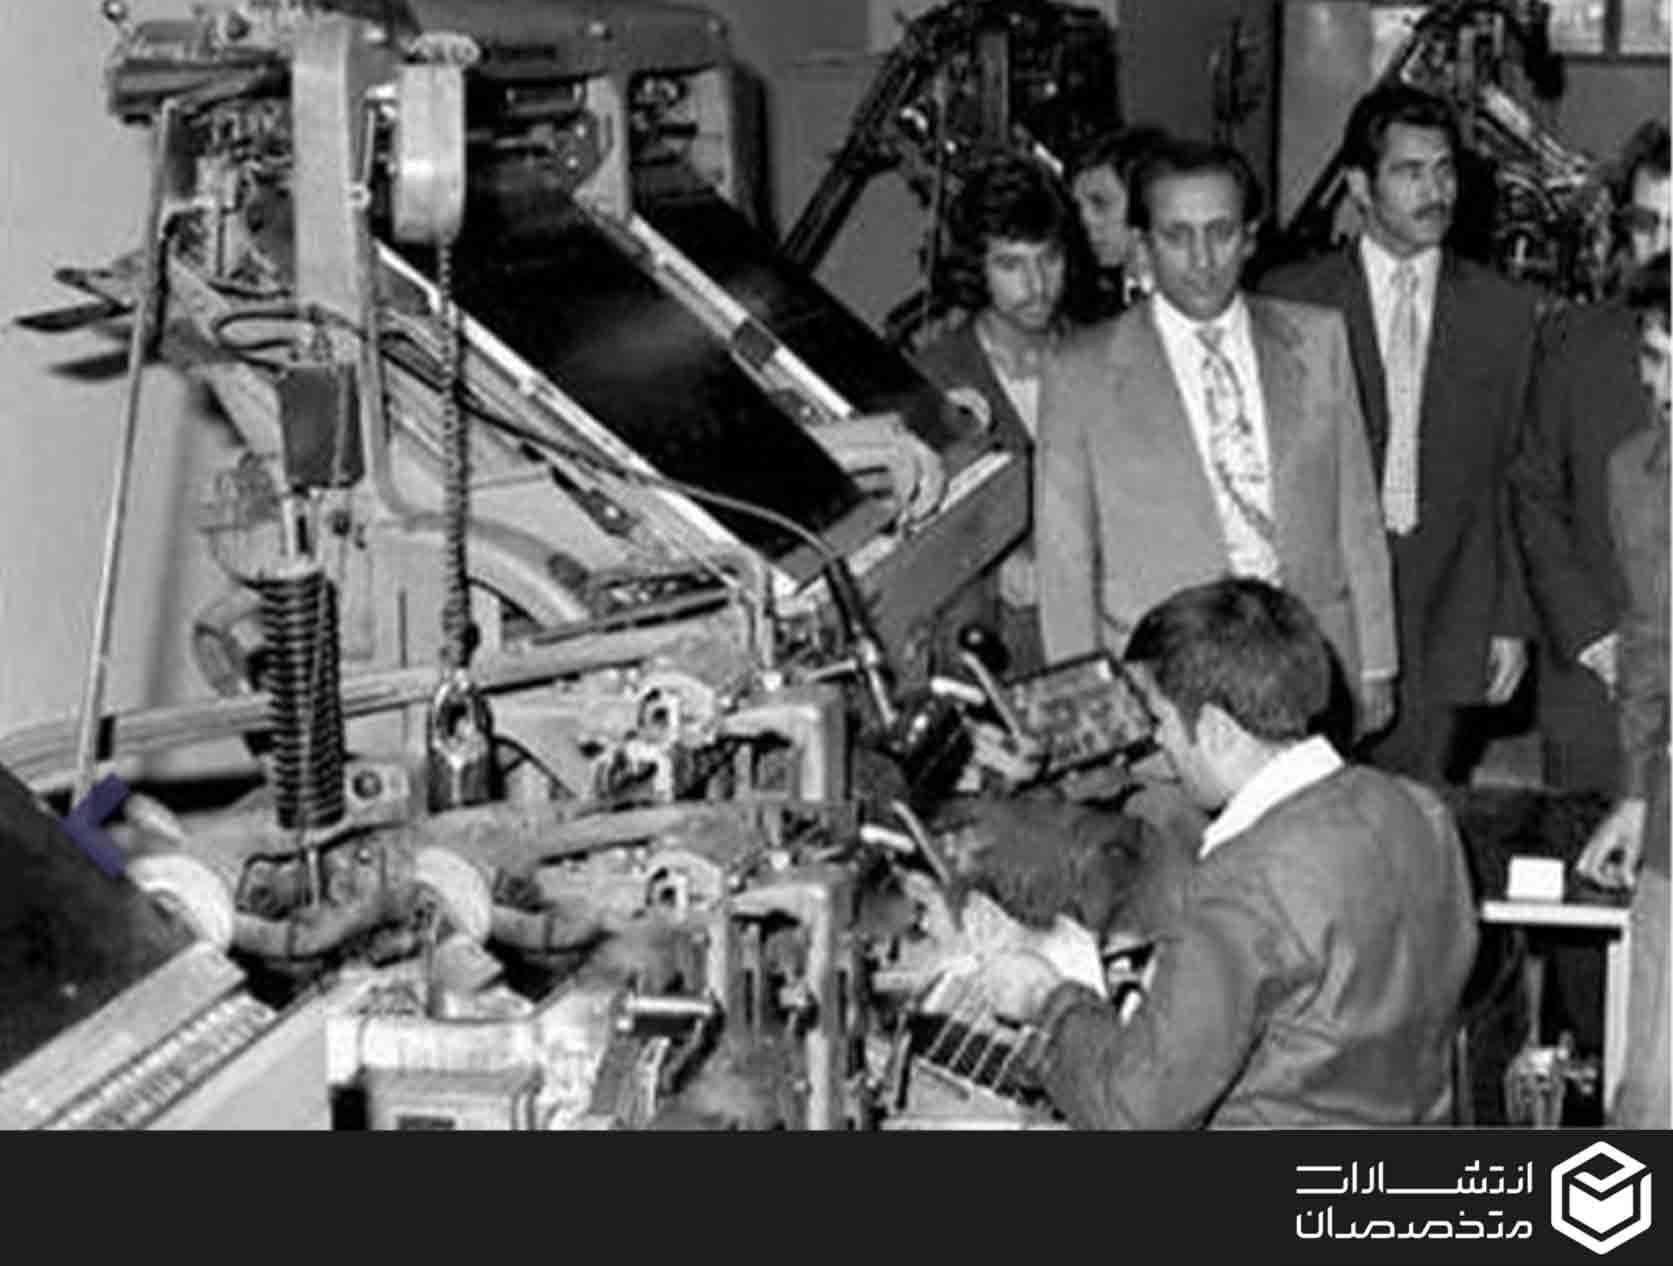 اولین دستگاه های چاپ کتاب در ایران